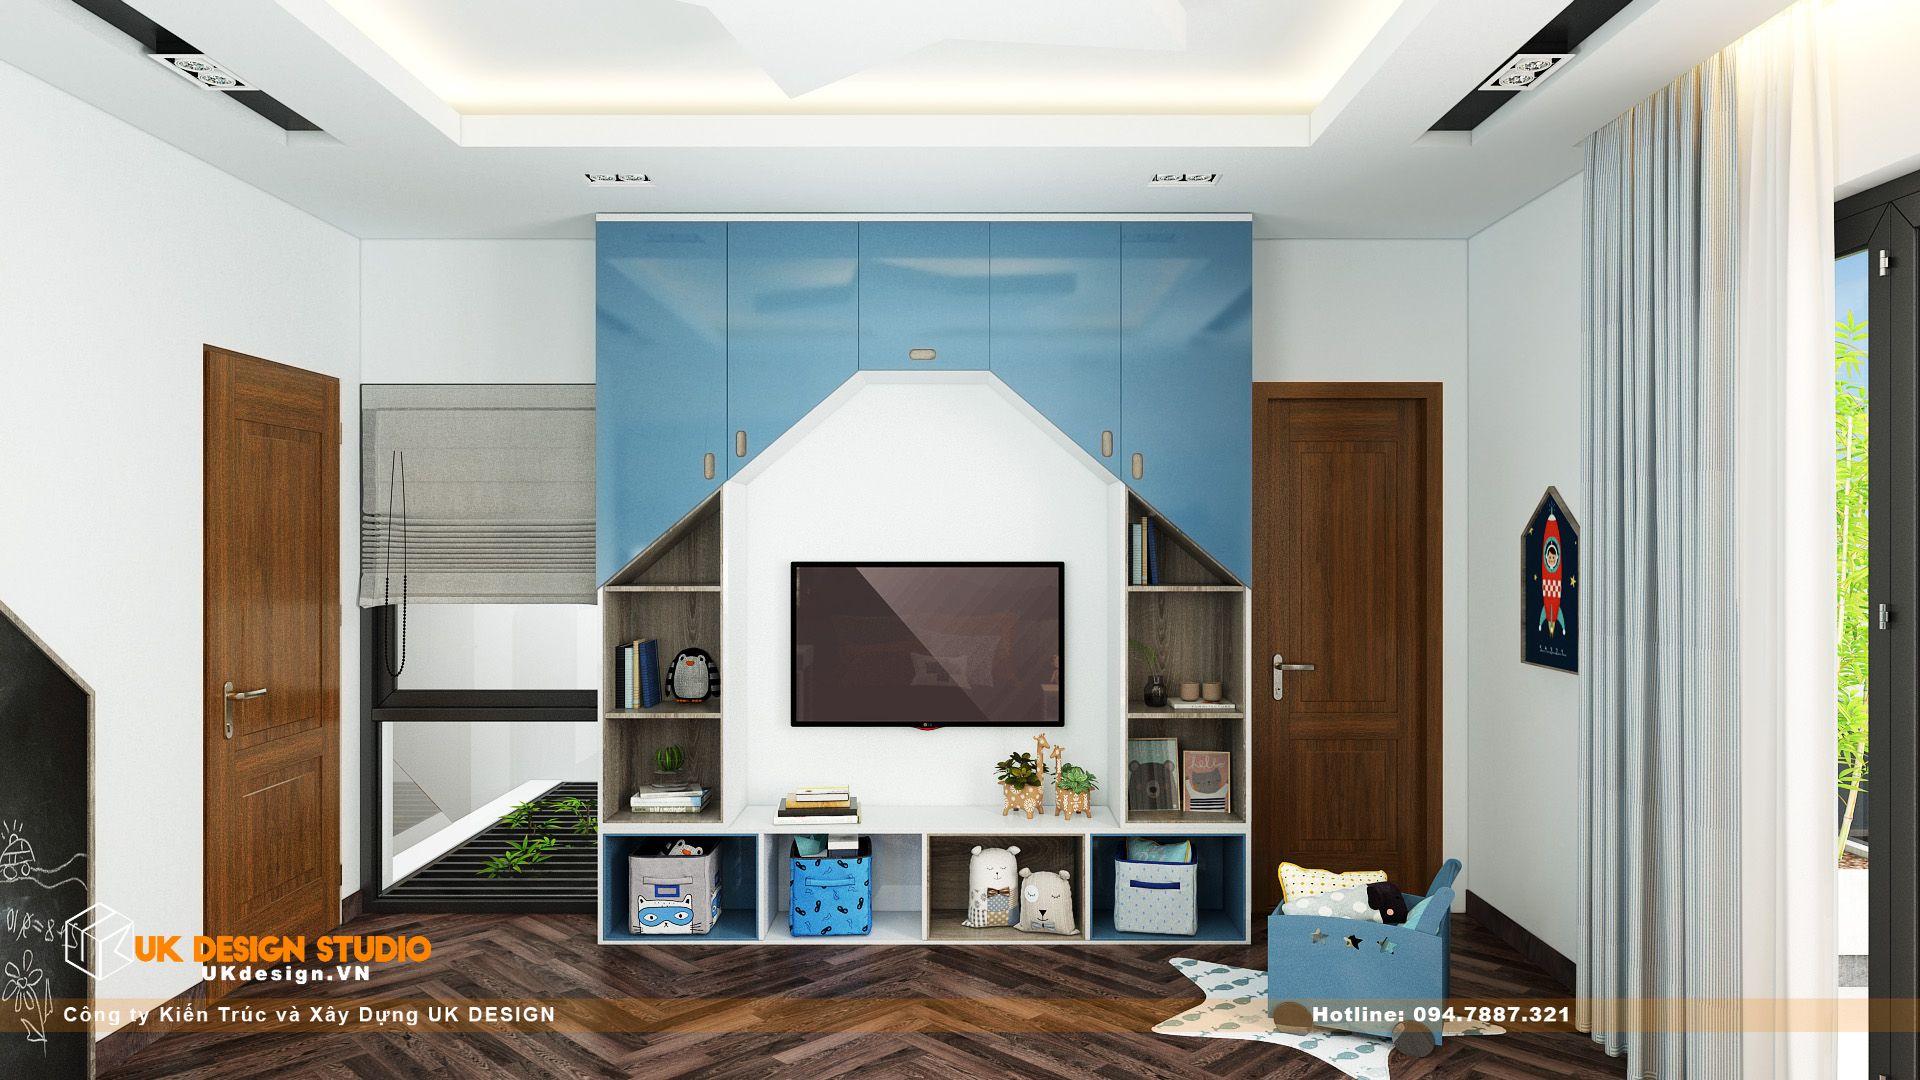 Thiết kế nội thất biệt thự nhà đẹp 3 tầng ở Quận 8 - Phòng ngủ con trai 14